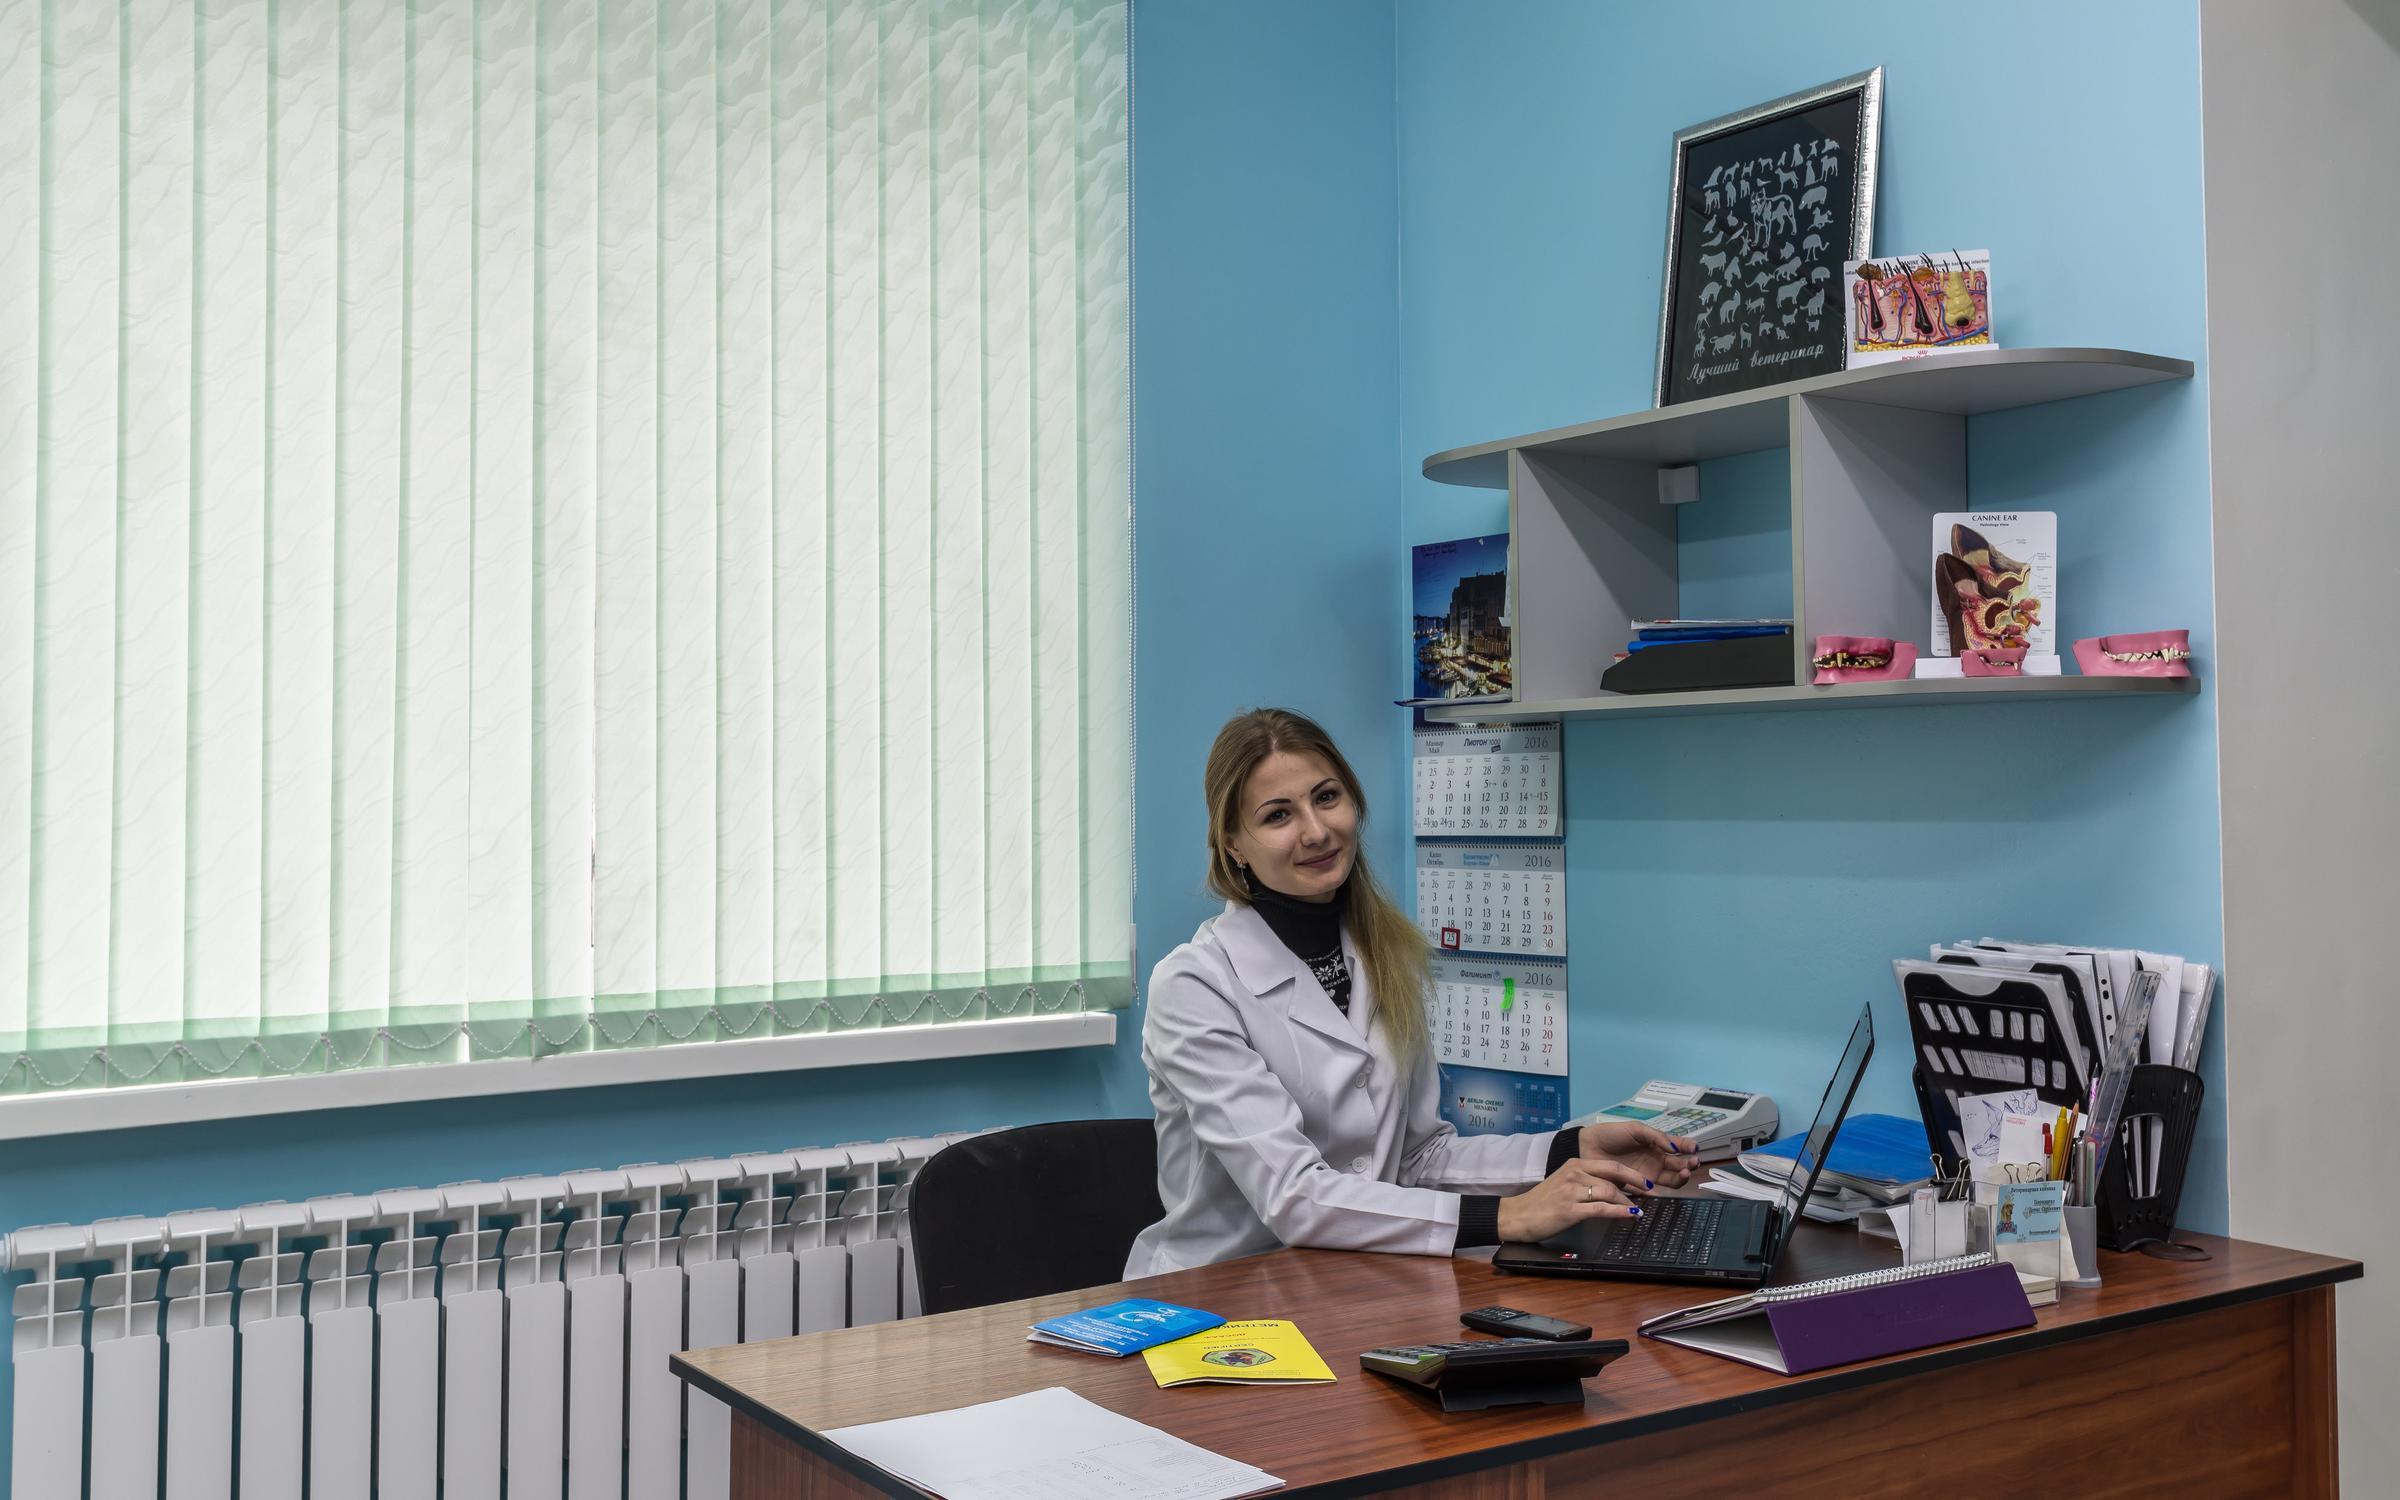 Поликлиника больницы мечникова днепропетровск